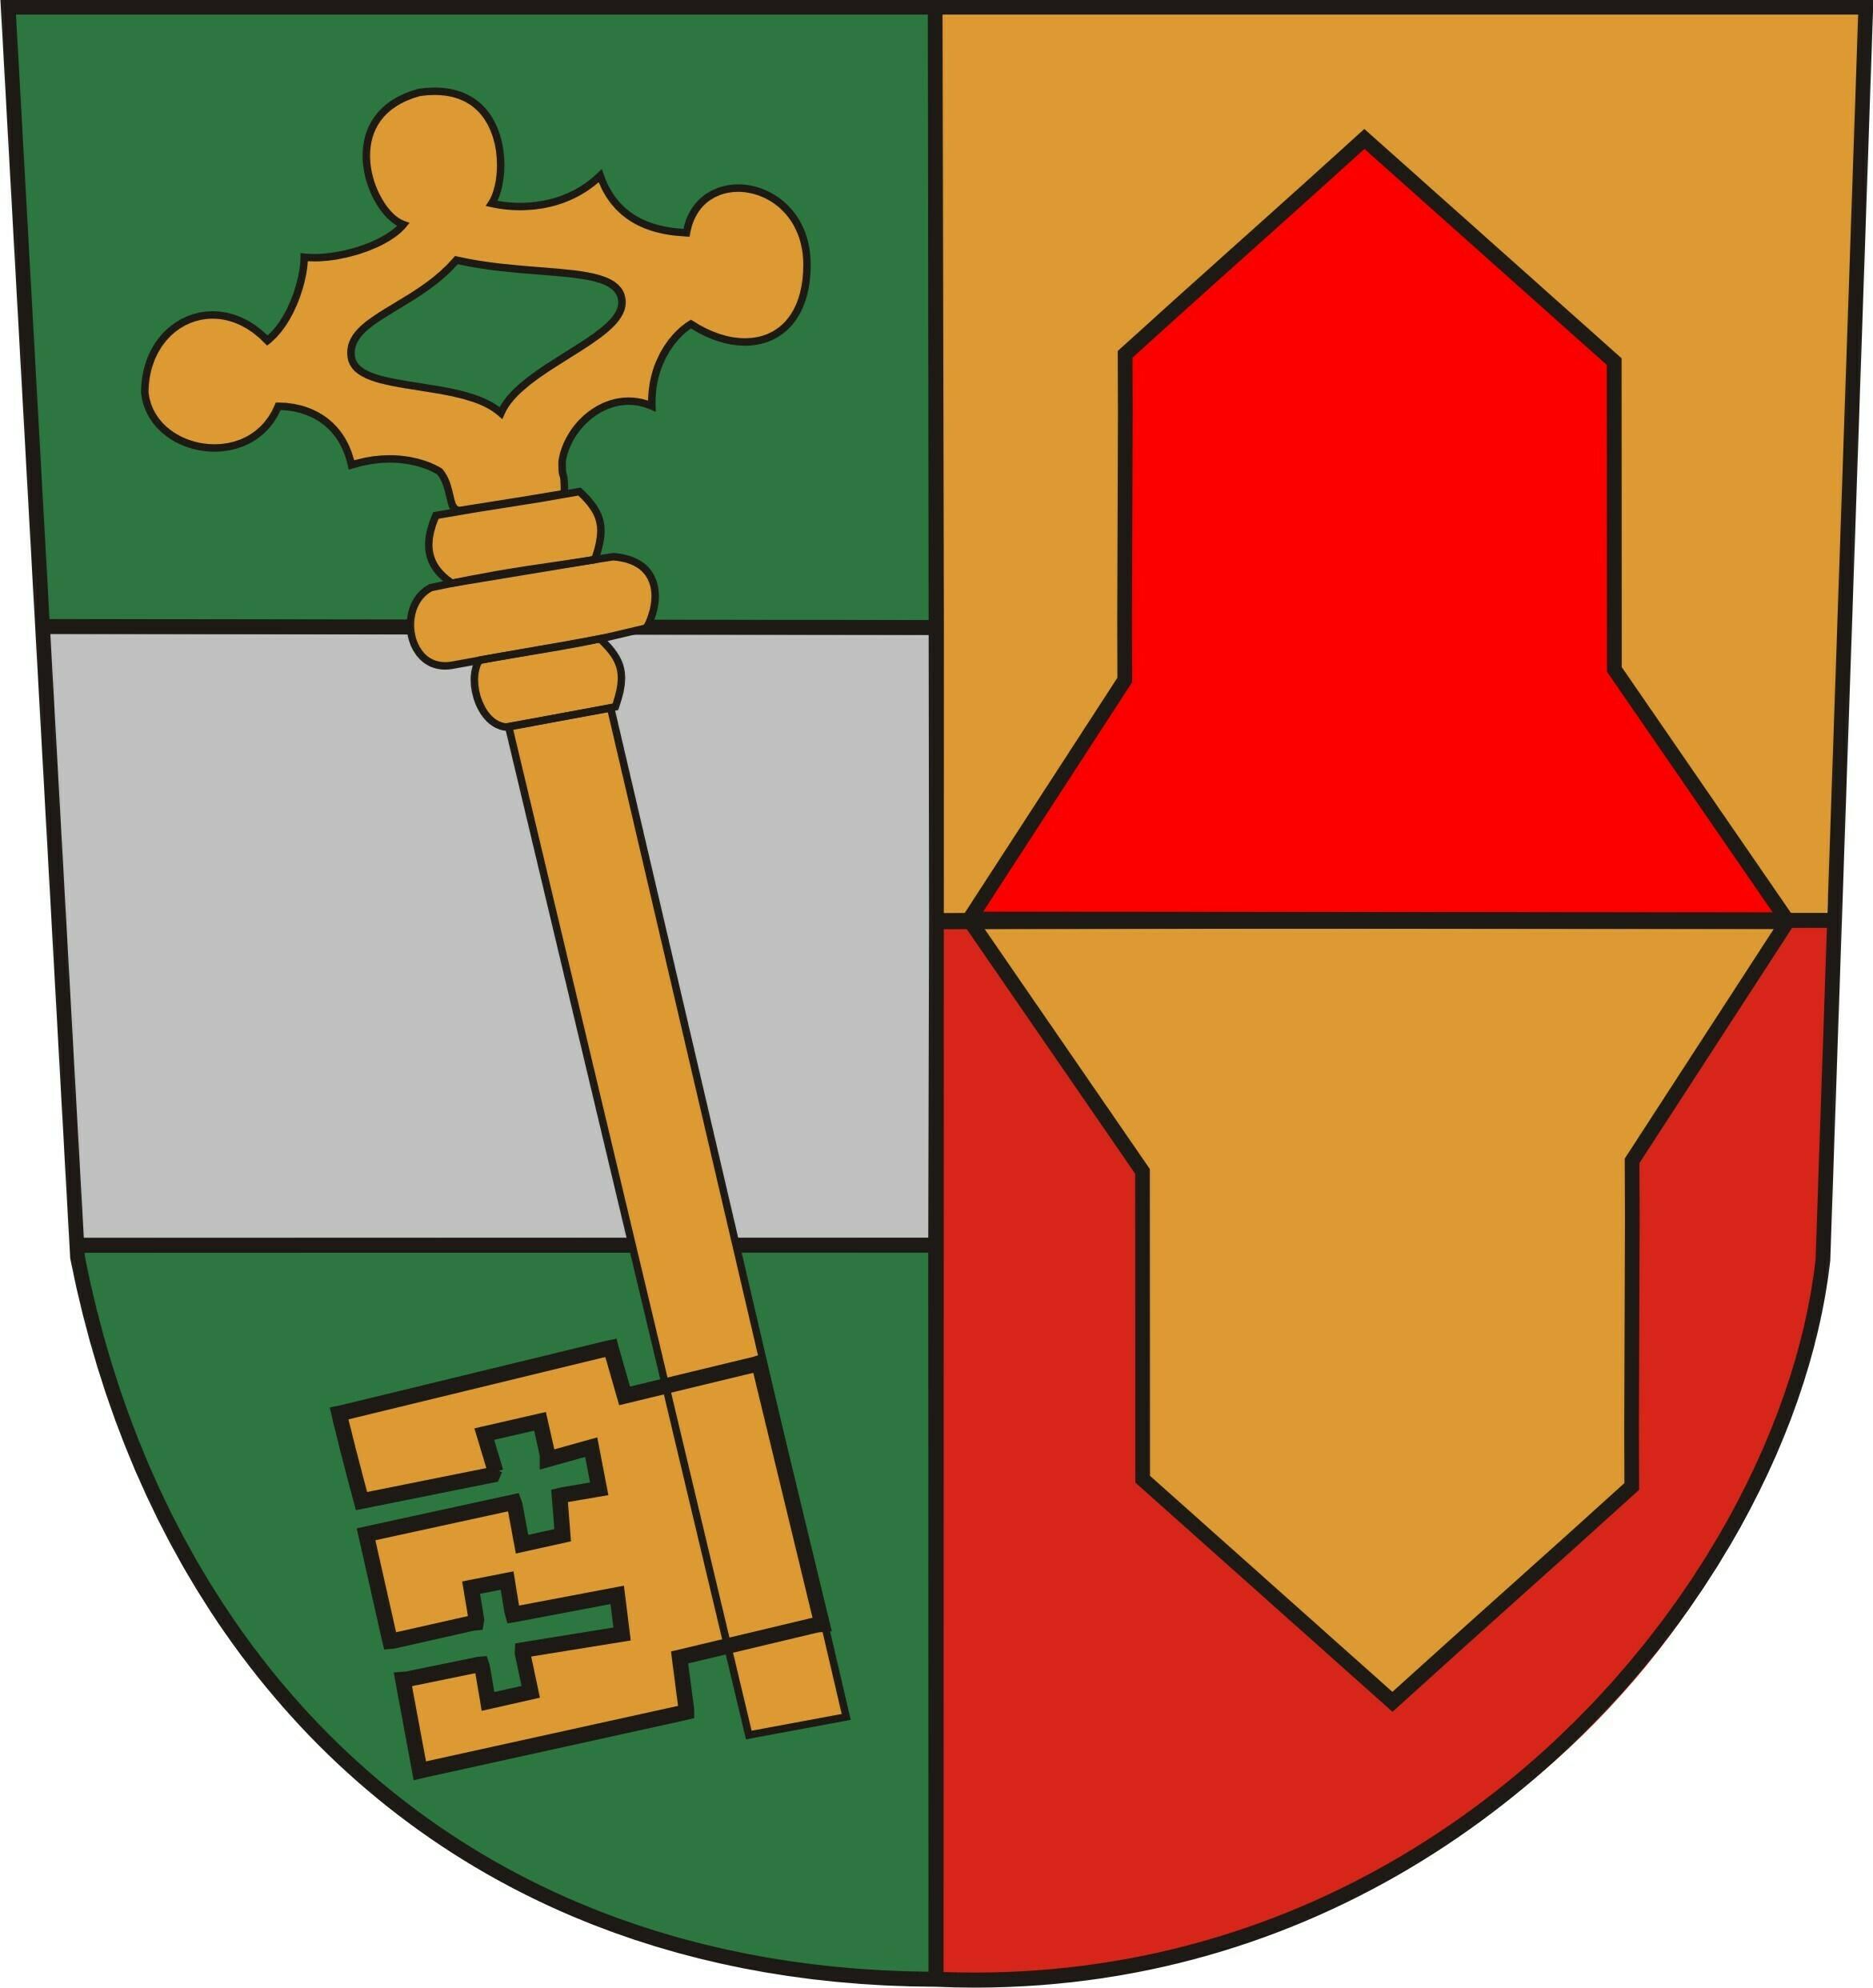 Wappen - 18.11.2008.jpg